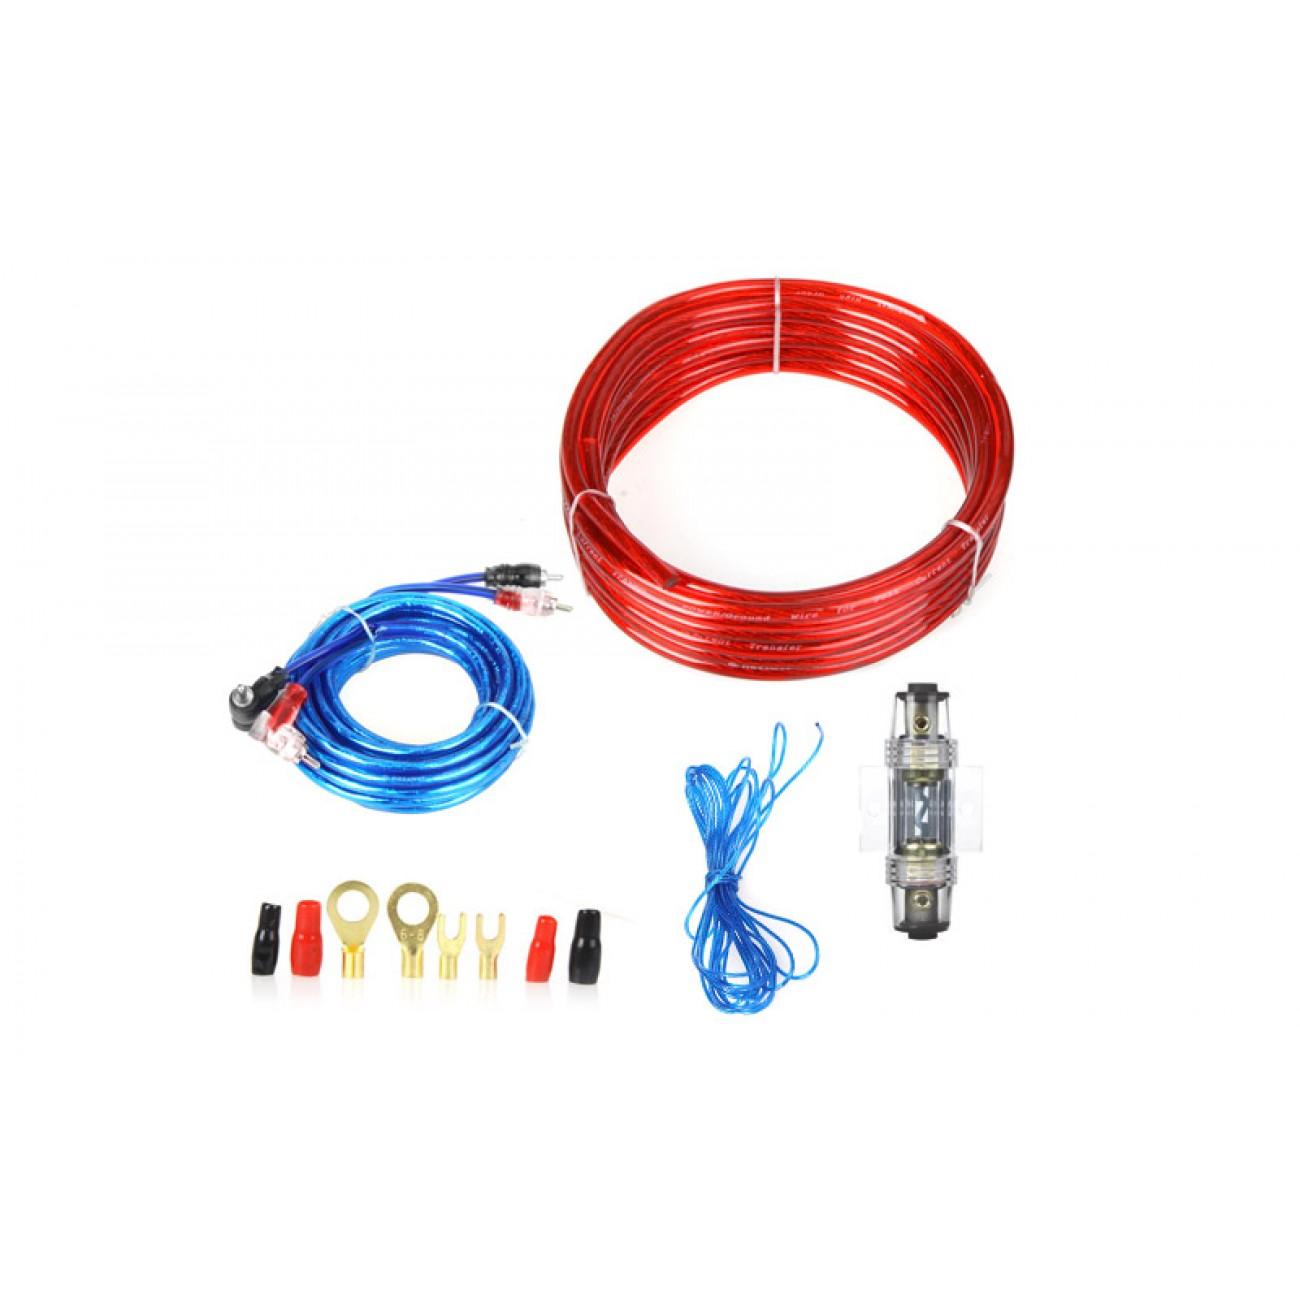 Κιτ καλωδίωσης ενισχυτών αυτοκινήτου MJ-8 - MJ-8 Amplifier Installation Kit - OEM 25085